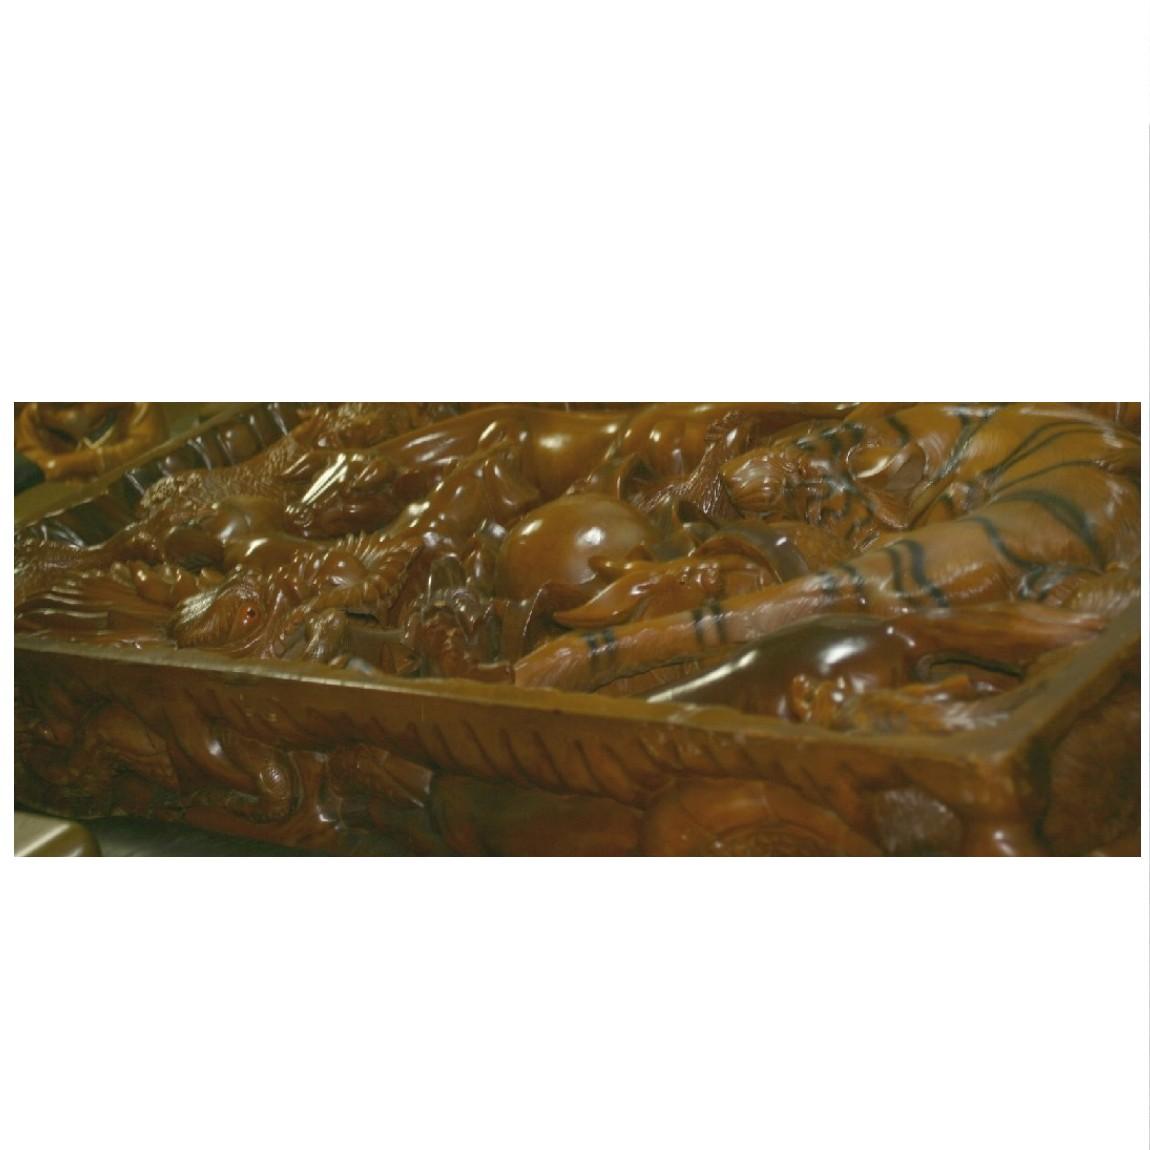 【中古】本物1枚板に十二支が彫られている日本未入荷重い184センチテ-ブル